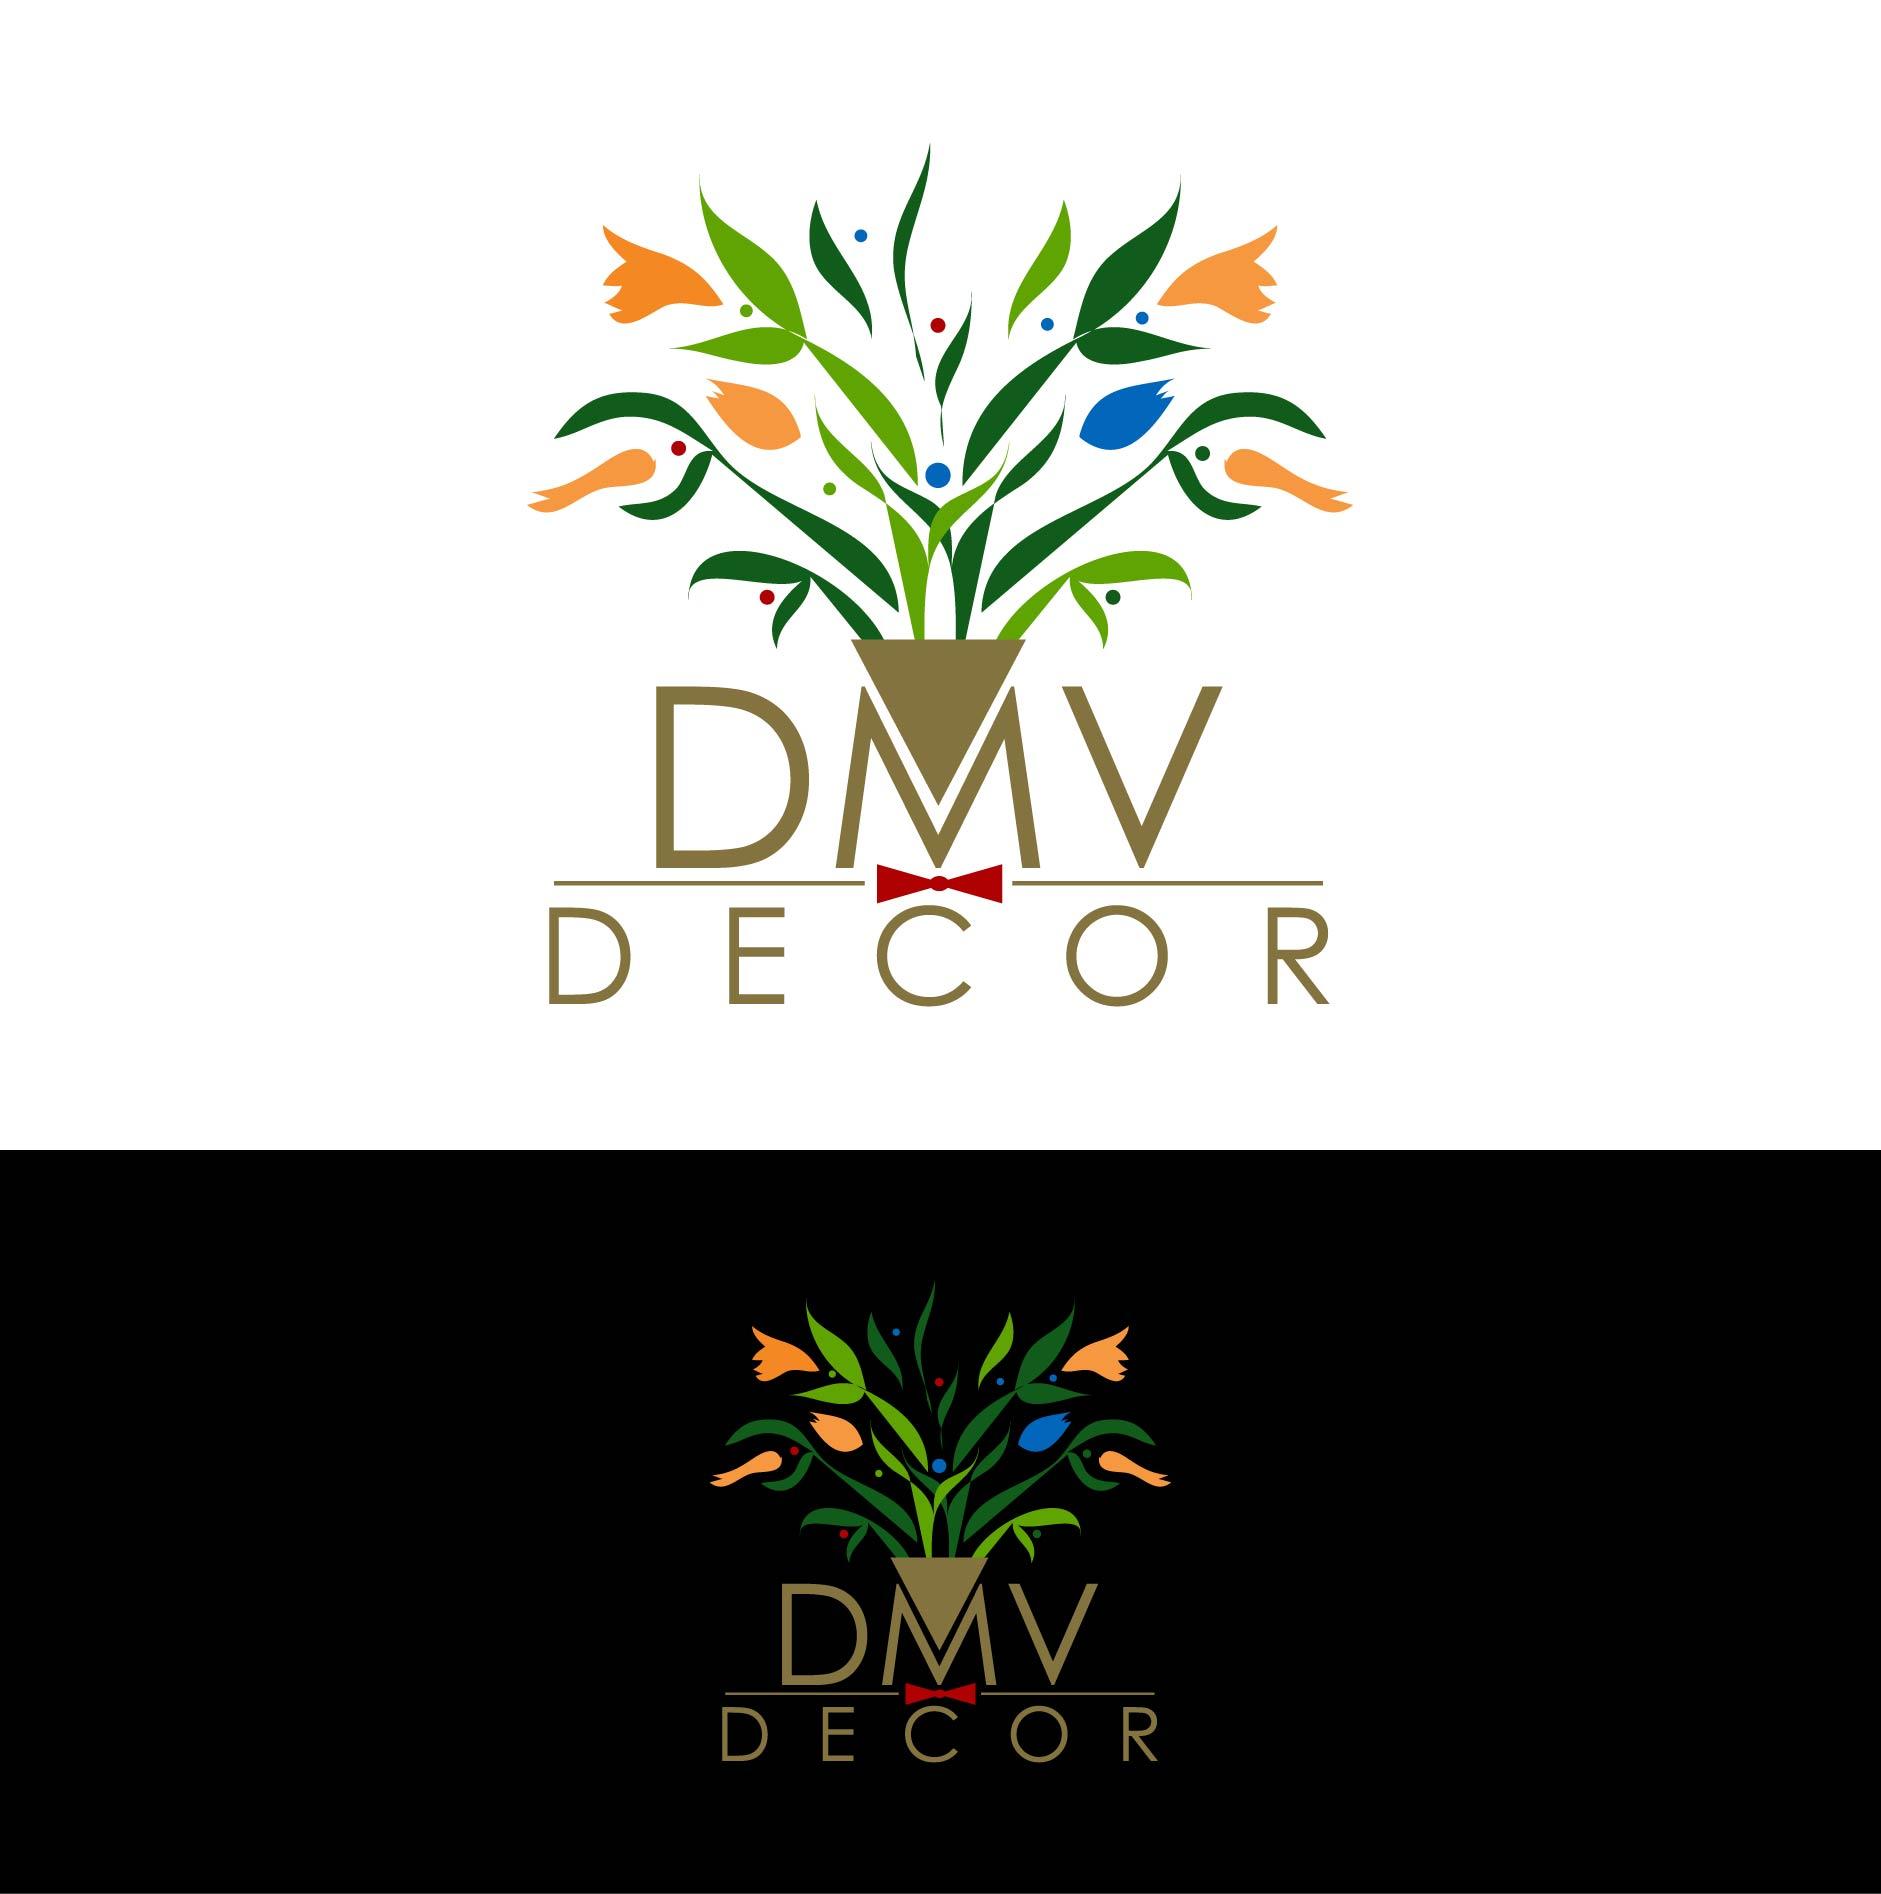 Logo Design by Batter Fly - Entry No. 25 in the Logo Design Contest dmvdecor Logo Design.